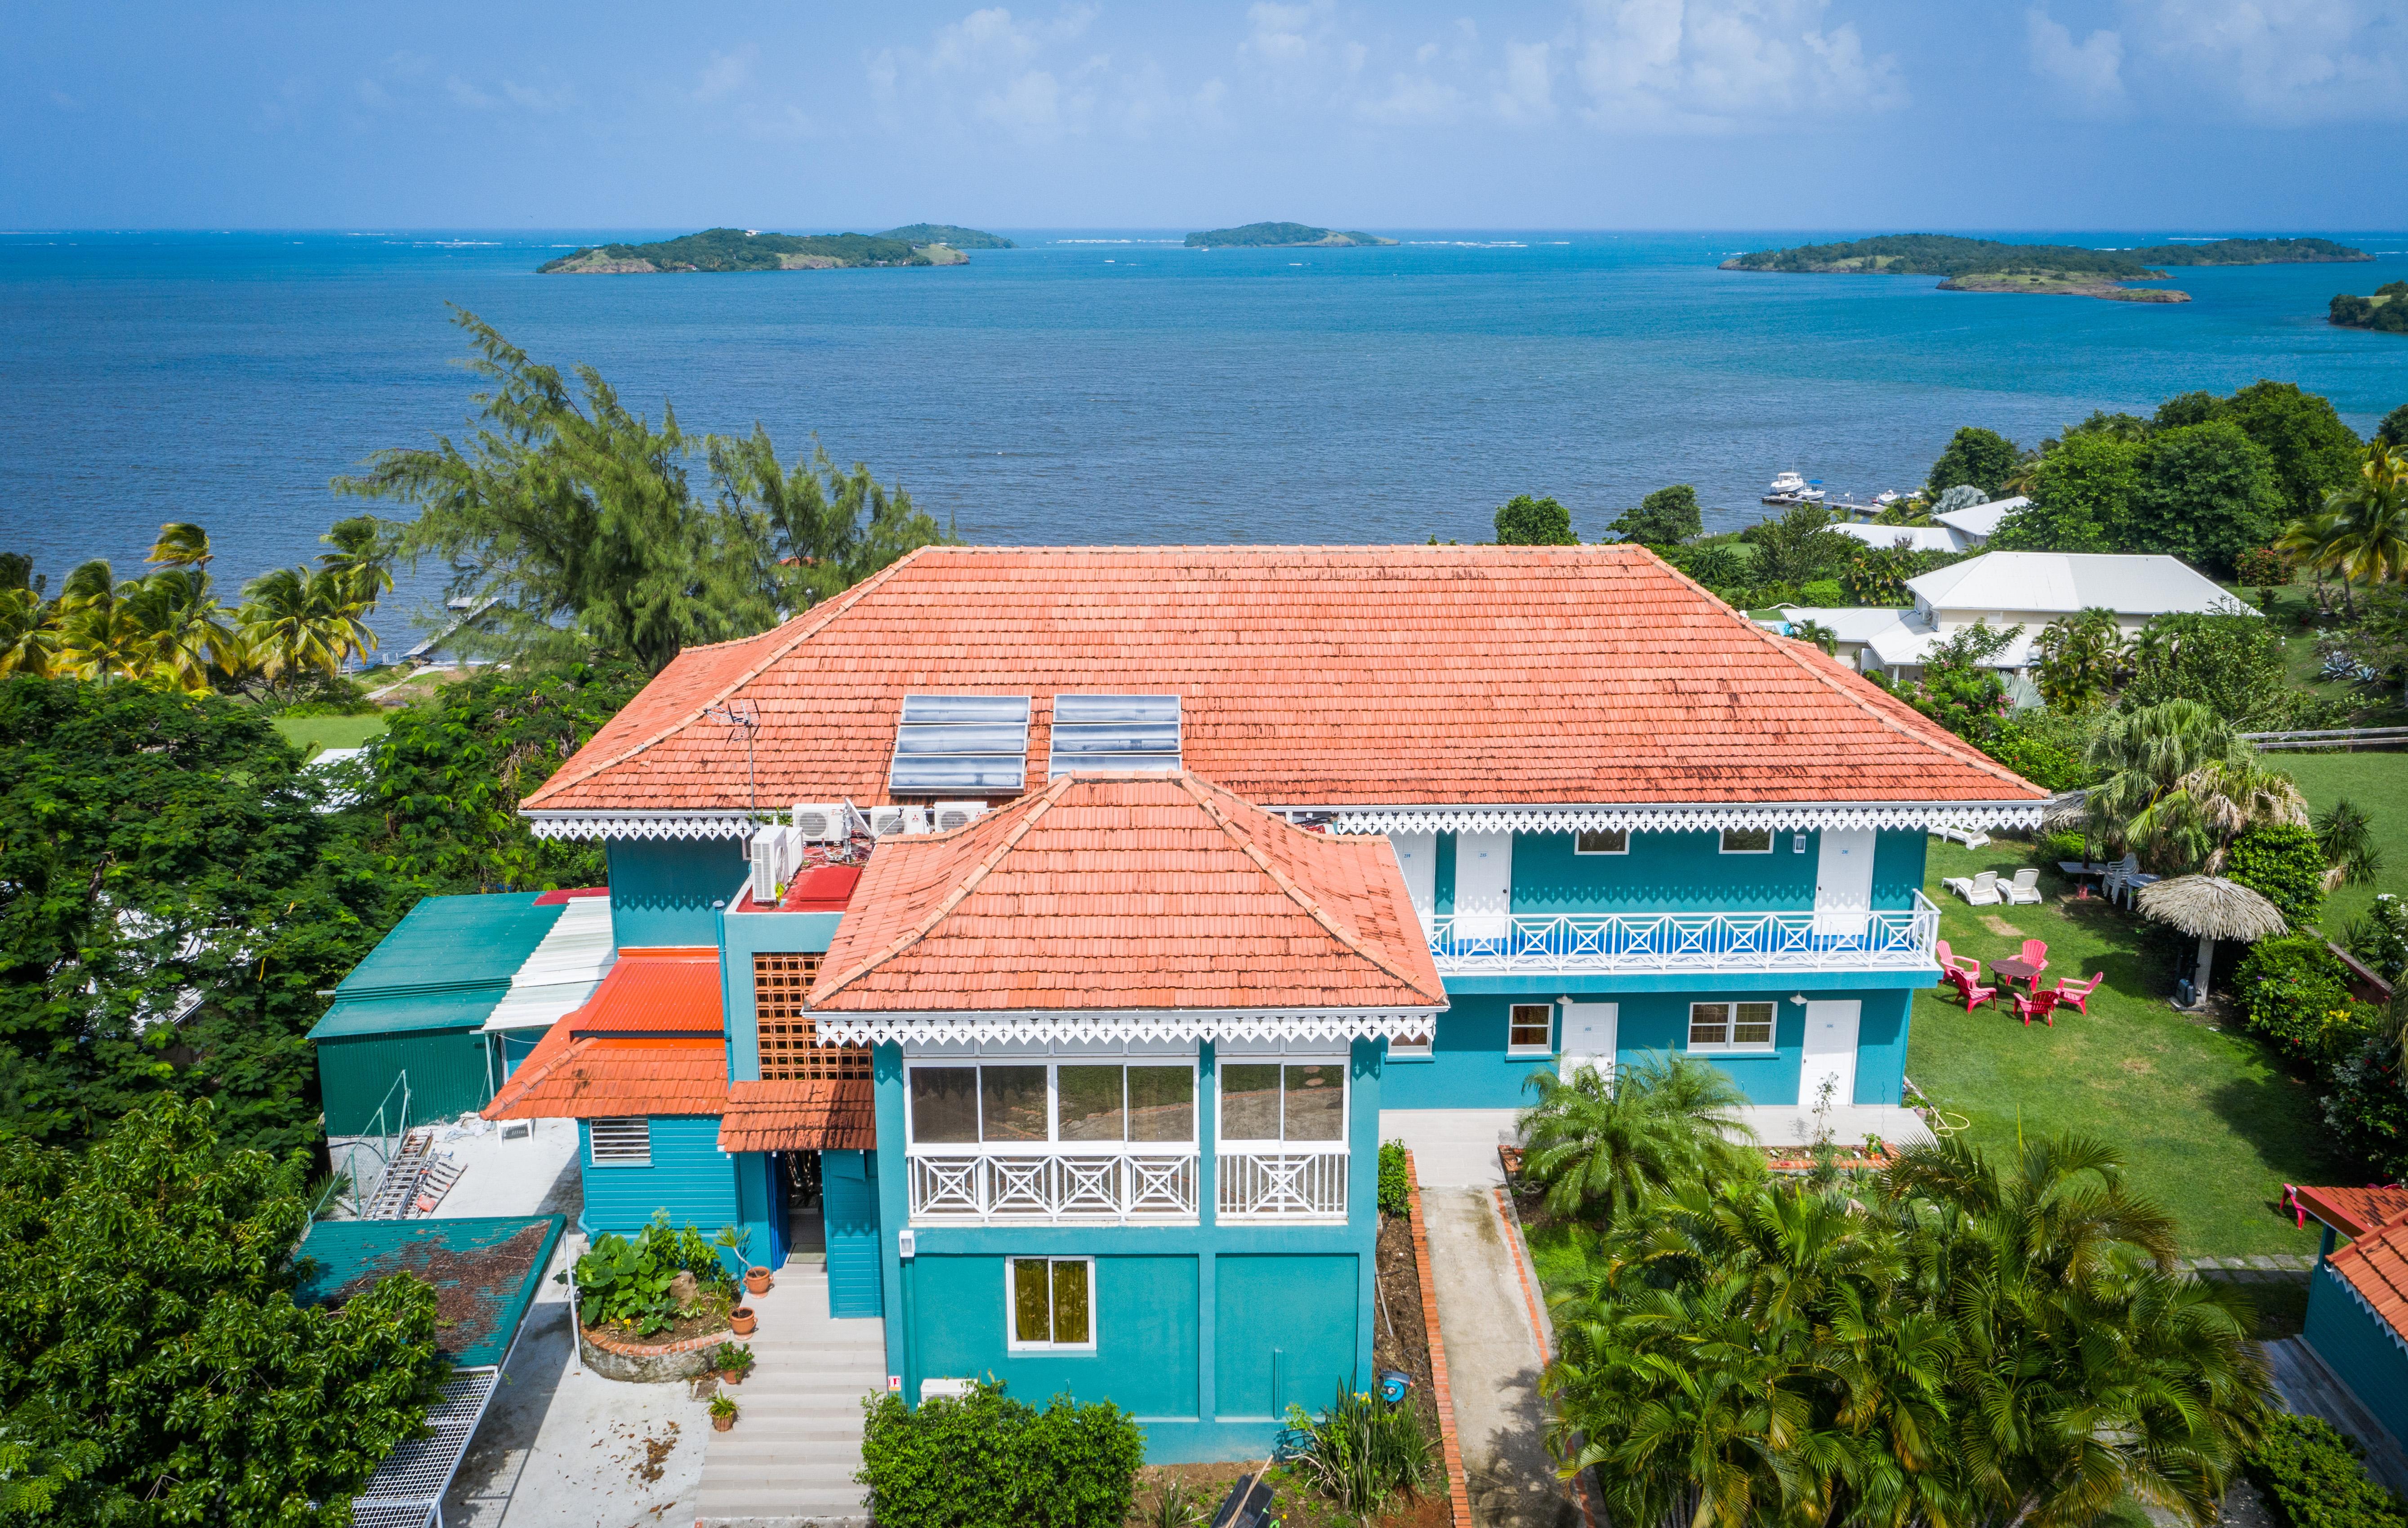 vue aerienne drone hotel fregate bleueDJ